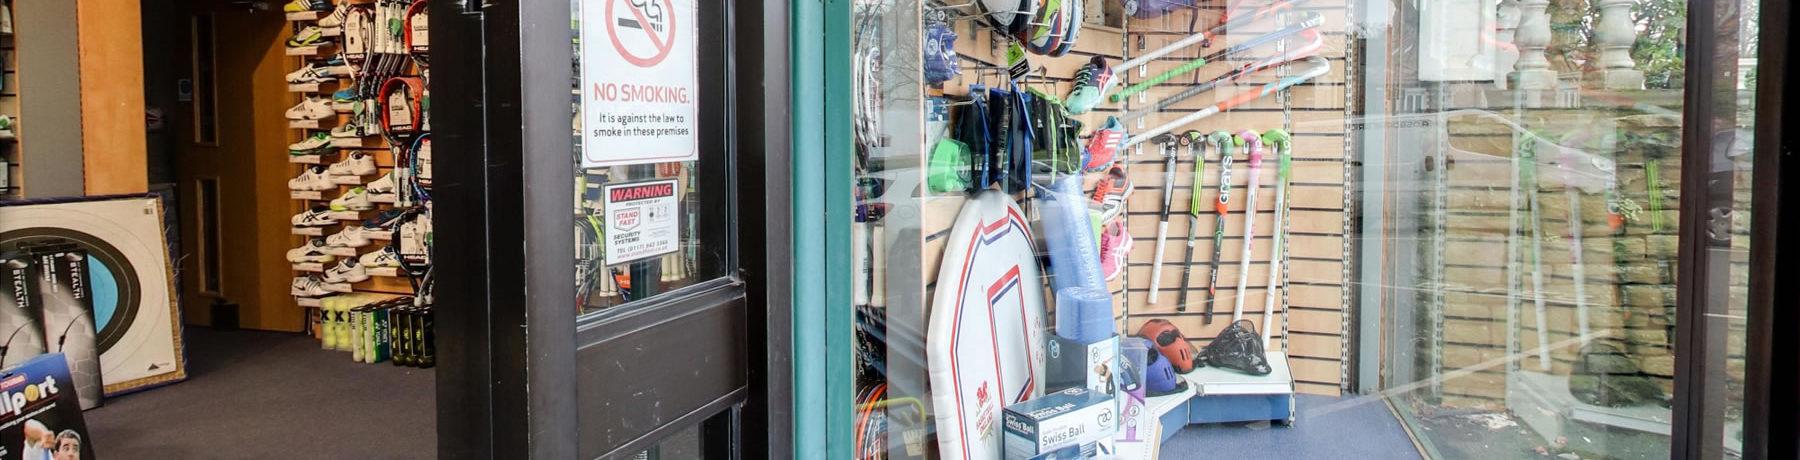 banner-shop-window